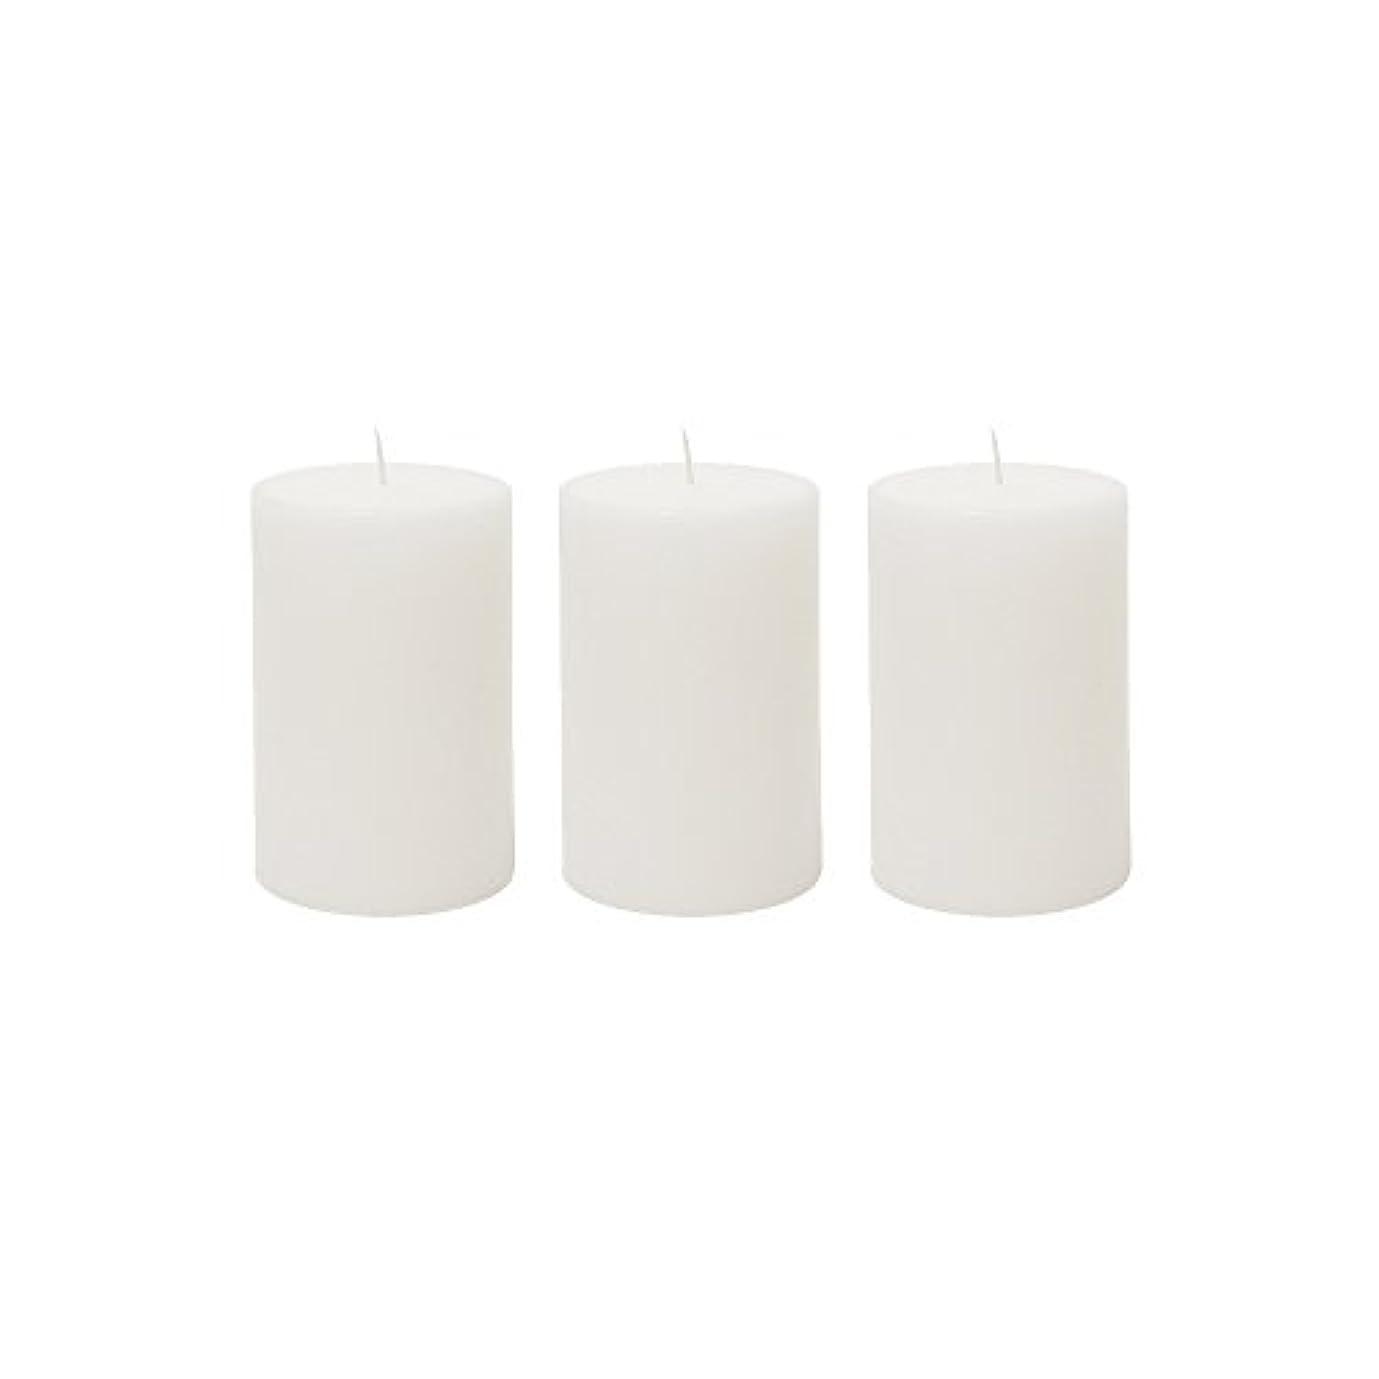 換気する強盗非常に(3, 5.1cm x 7.6cm Round) - Mega Candles 3 pcs Unscented White Round Pillar Candle Hand Poured Premium Wax Candles...